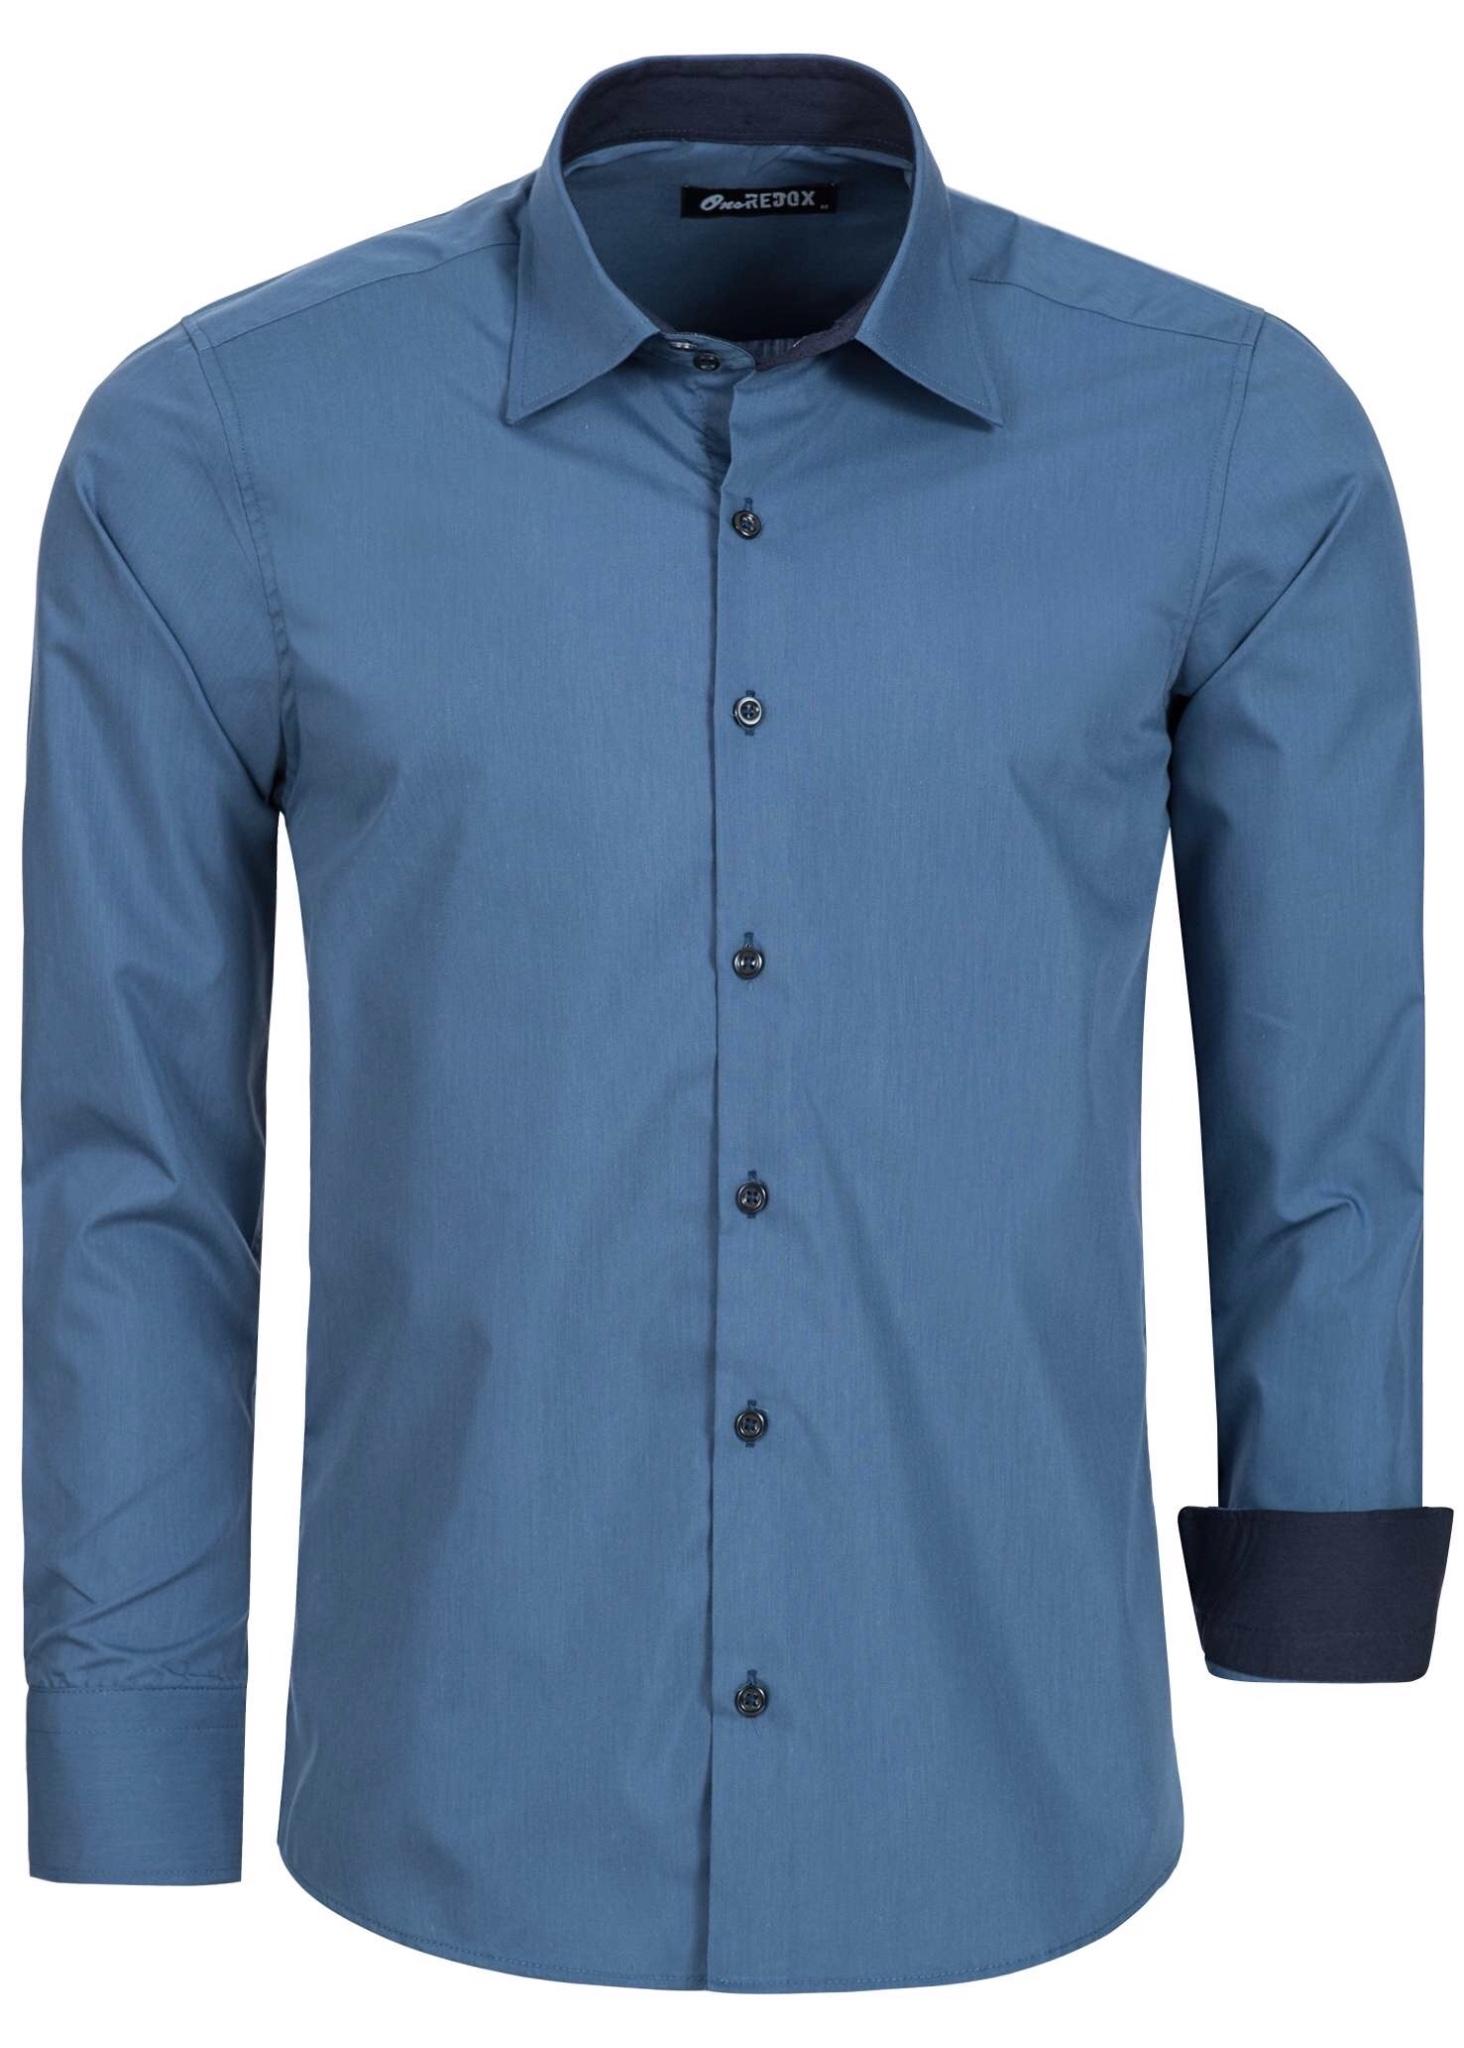 Overhemd Italiaans Design.Italiaanse Overhemden Cristo Model2019